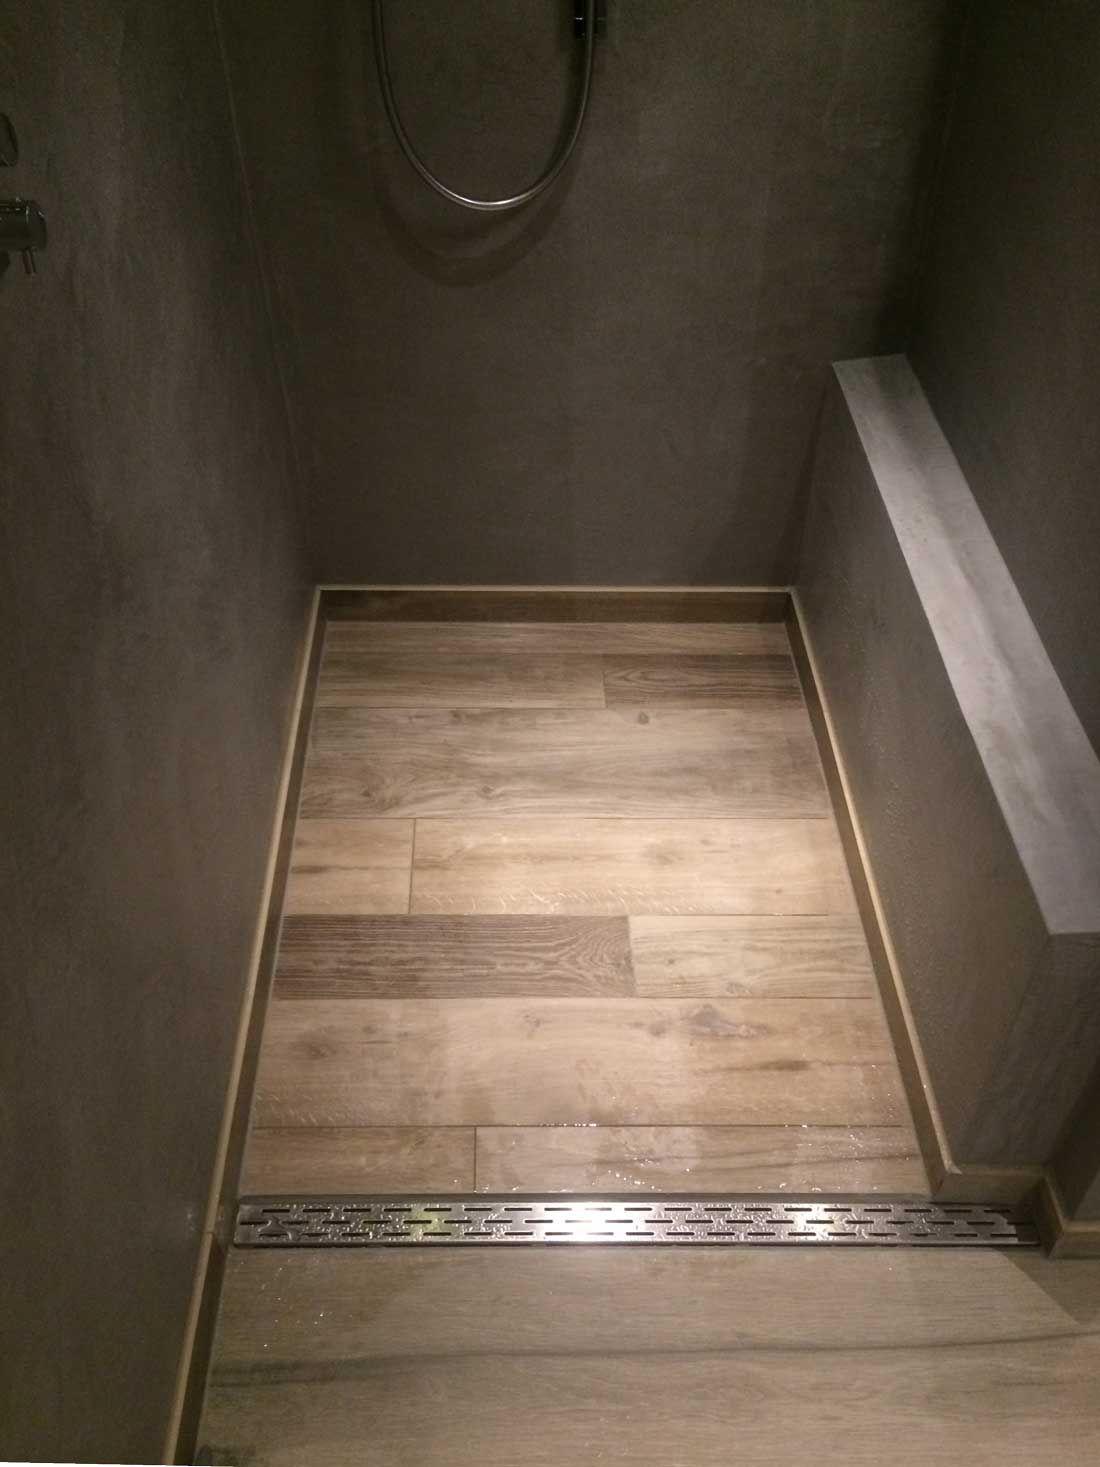 Gestucte badkamers betonlook beal mortex | Pinksterbloem 1 ...